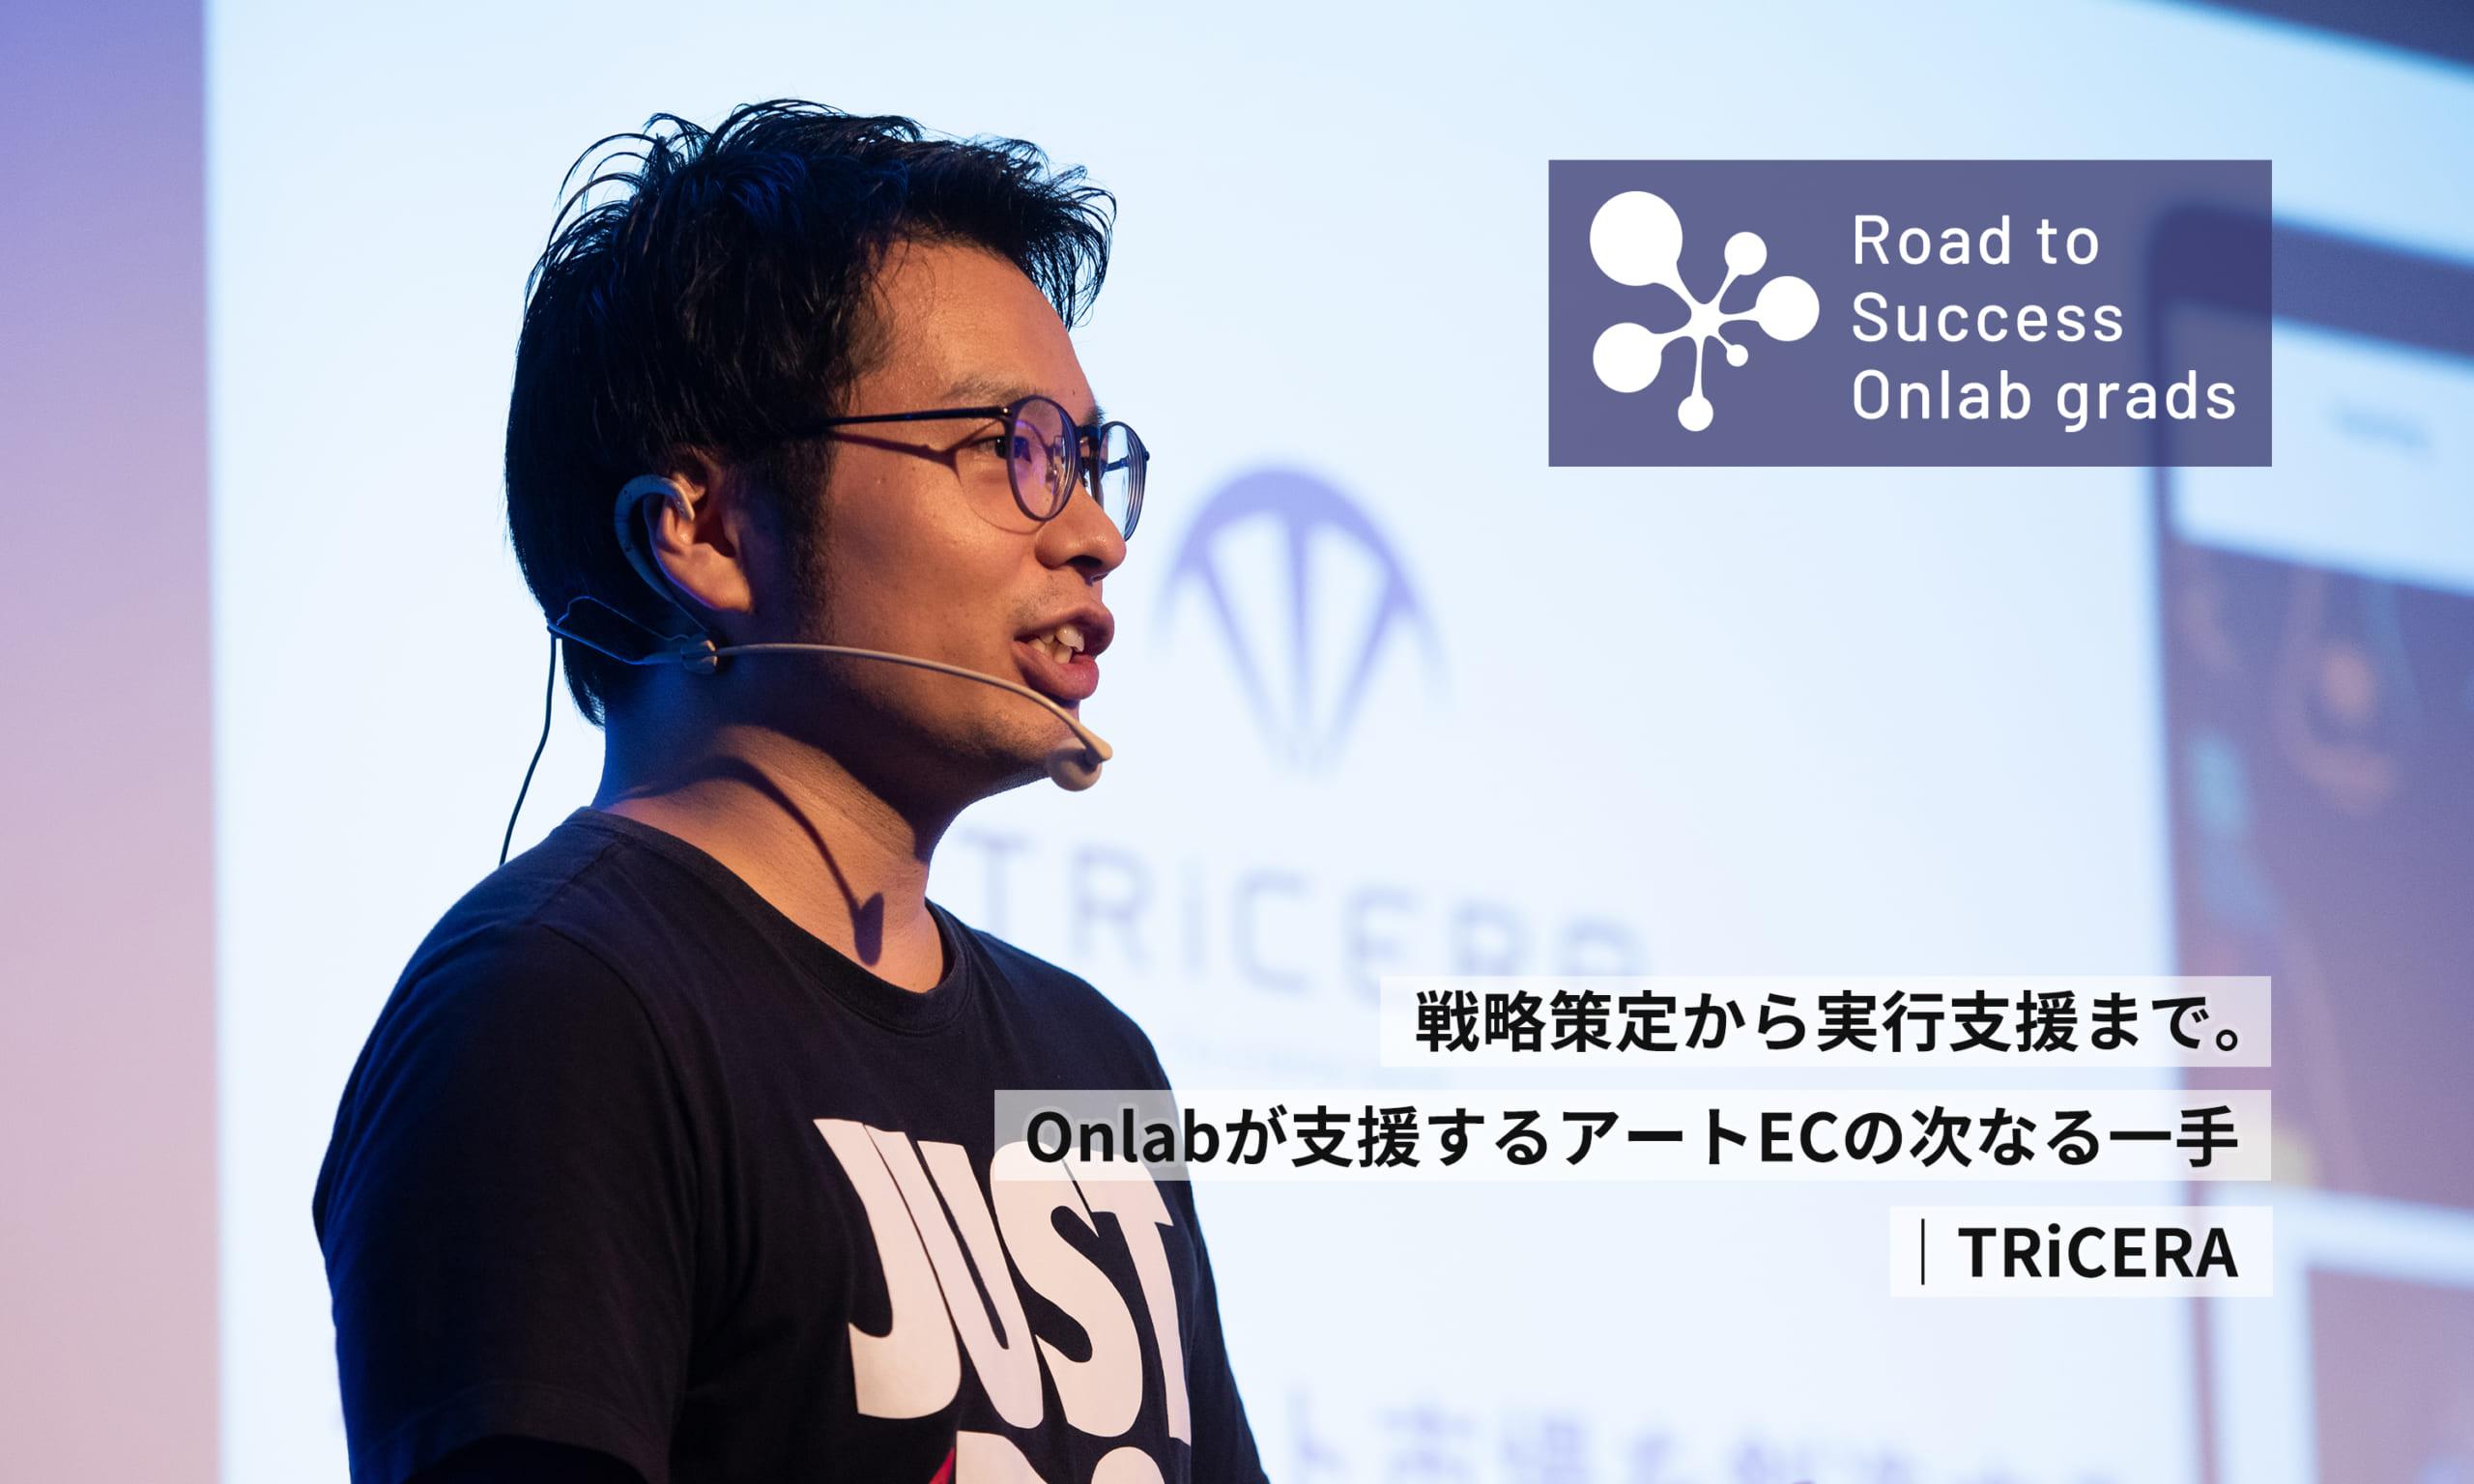 戦略策定から実行支援まで。Onlabが支援するアートECの次なる一手|TRiCERA|Road to Success Onlab grads vol.8